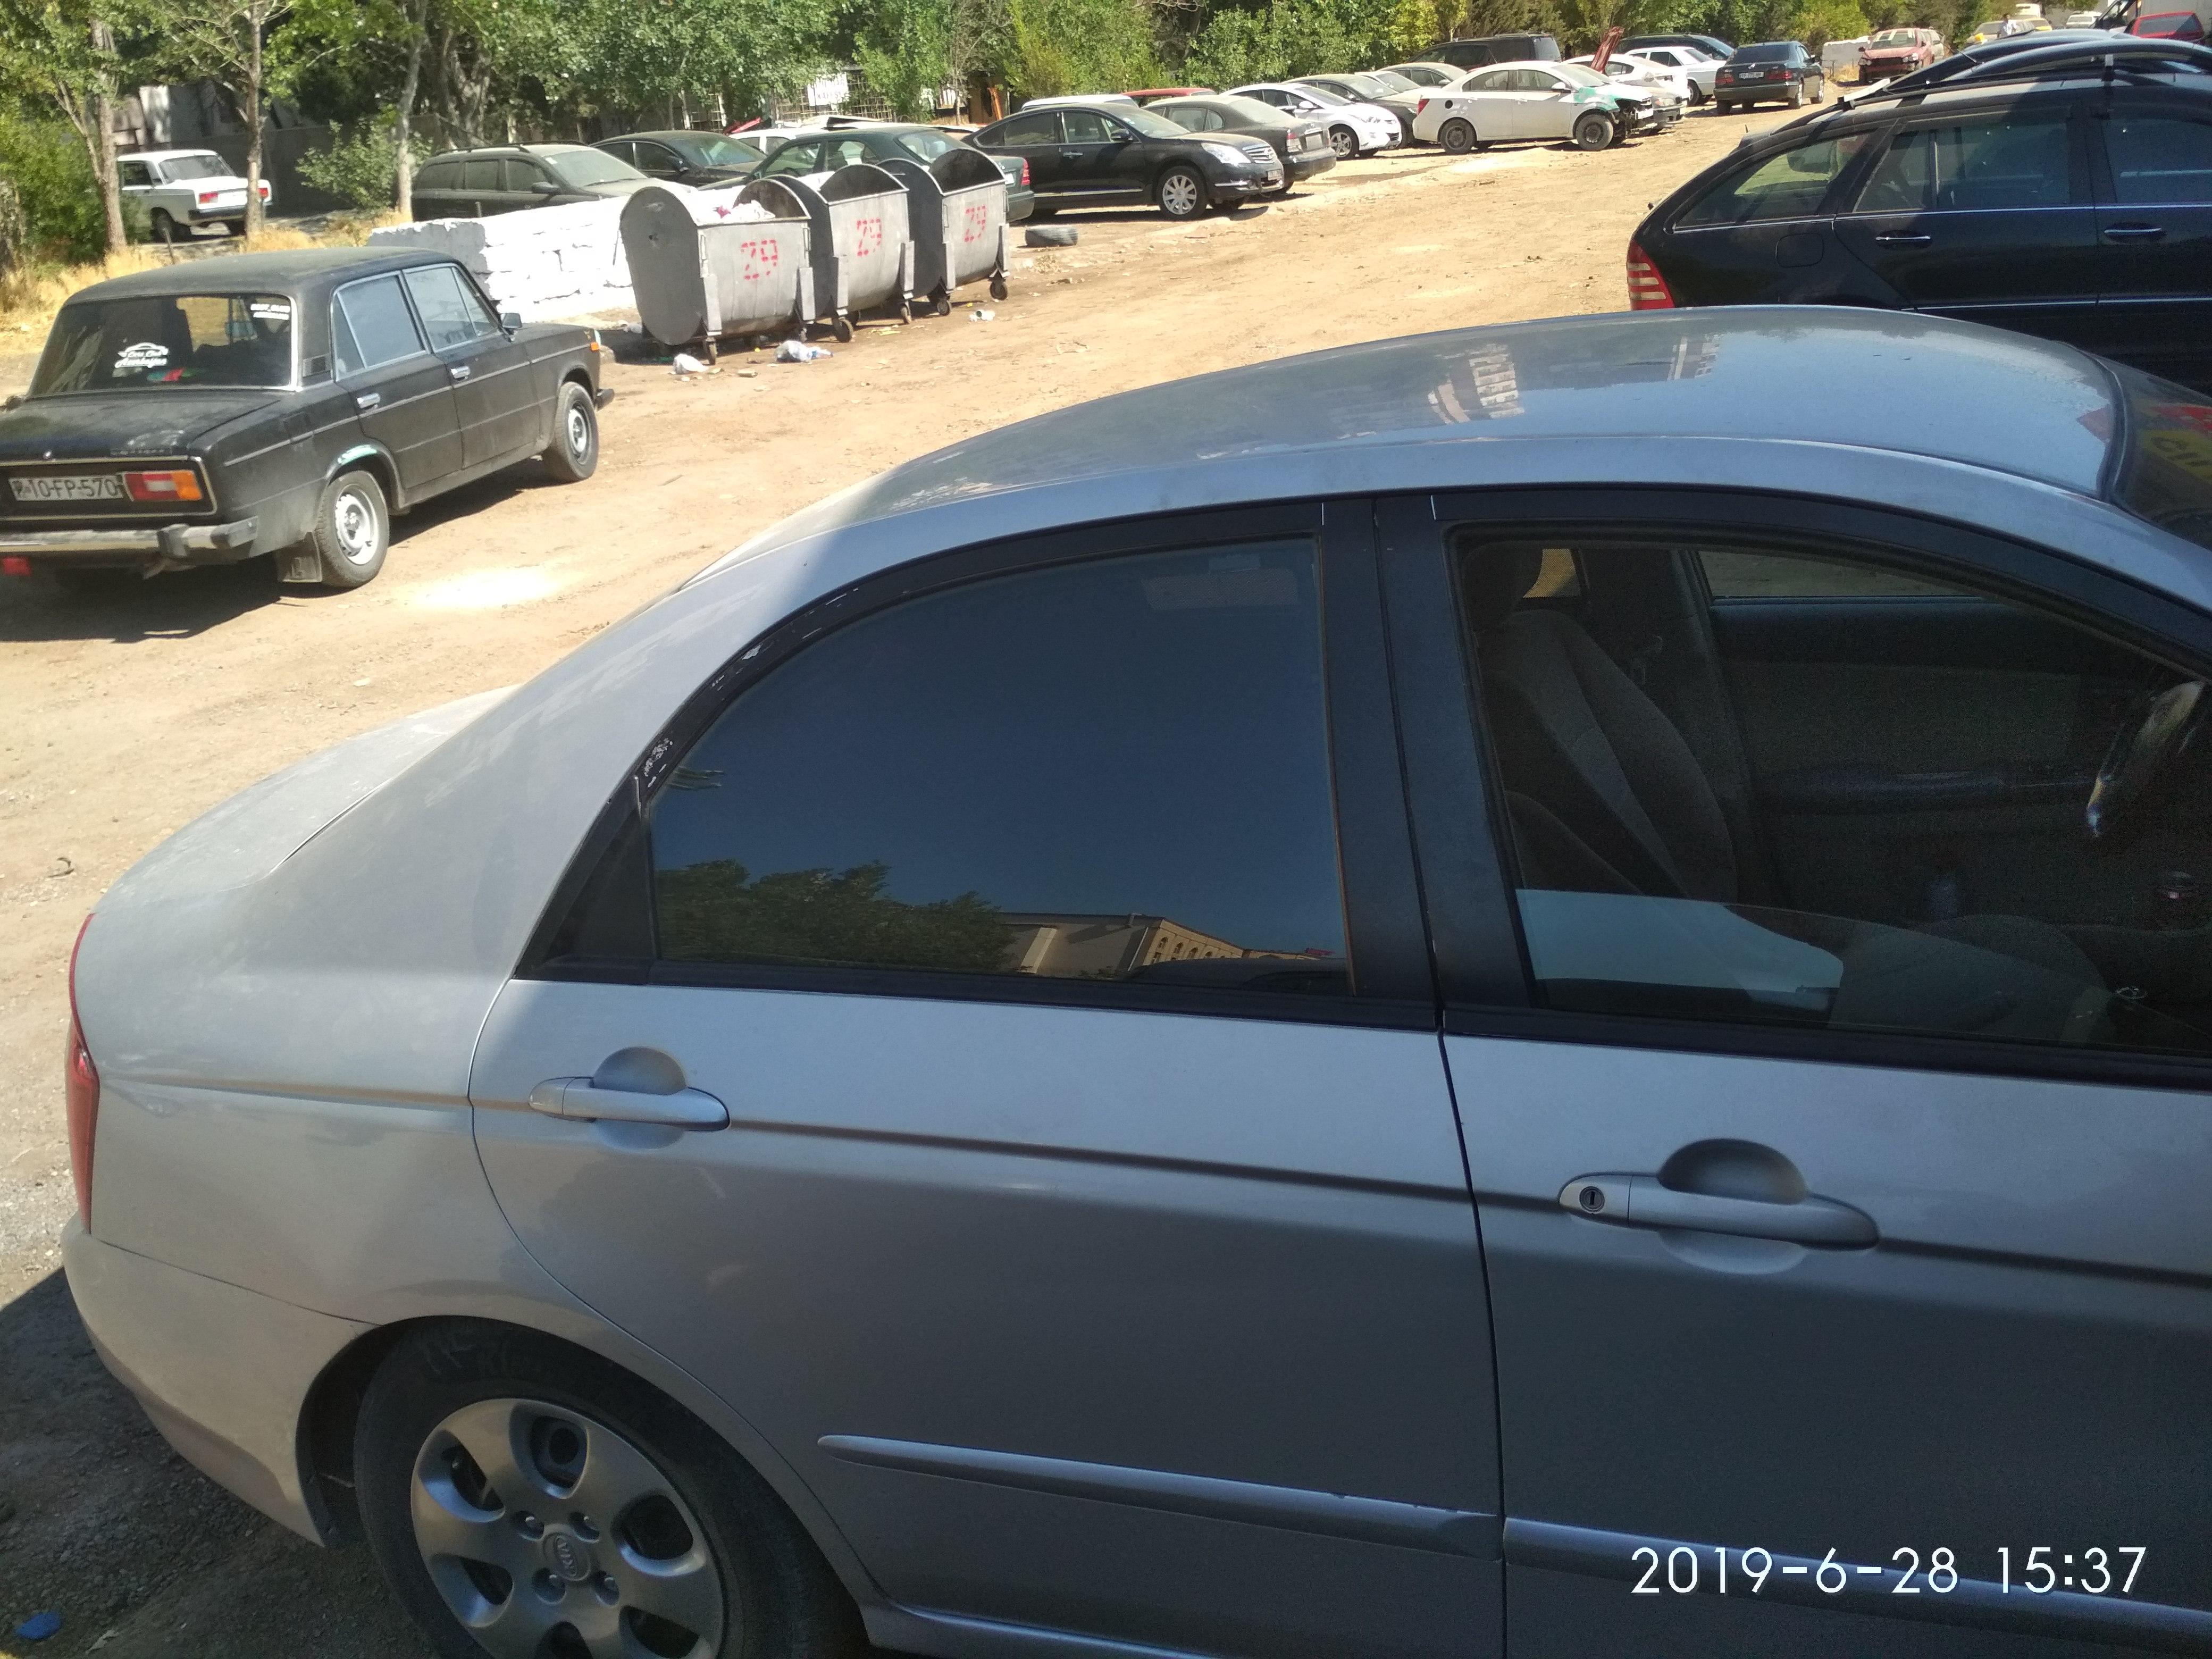 Kia Cerato 1.6(lt) 2006 İkinci əl  $8400